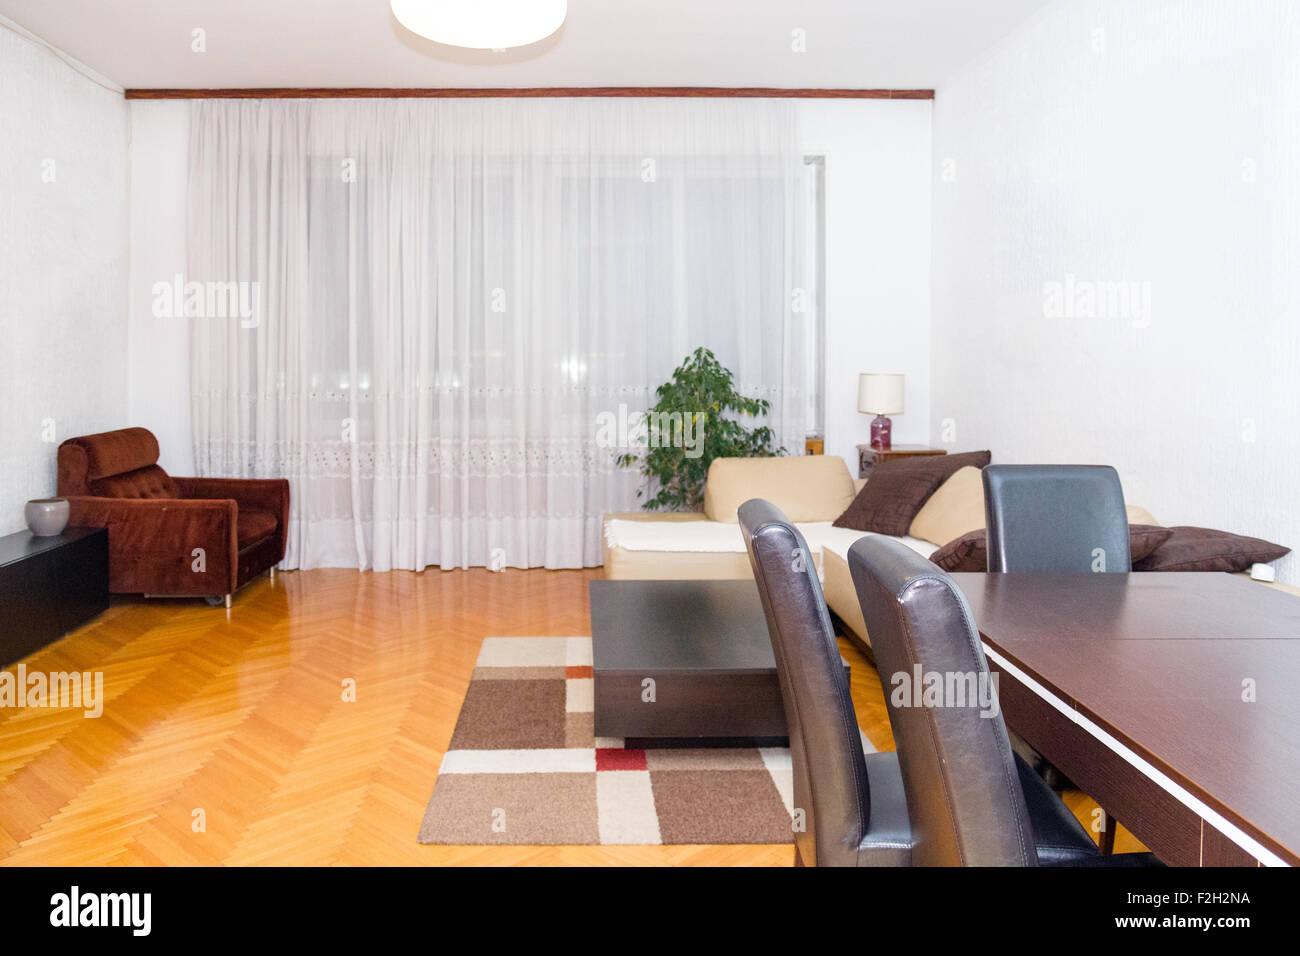 Moderne Saubere Wohnzimmer Interieur Mit Schrank Und TV Rack. Gemütliche  Sitzecke Sofa Im Salon In Modernen Haus. Kuppeln